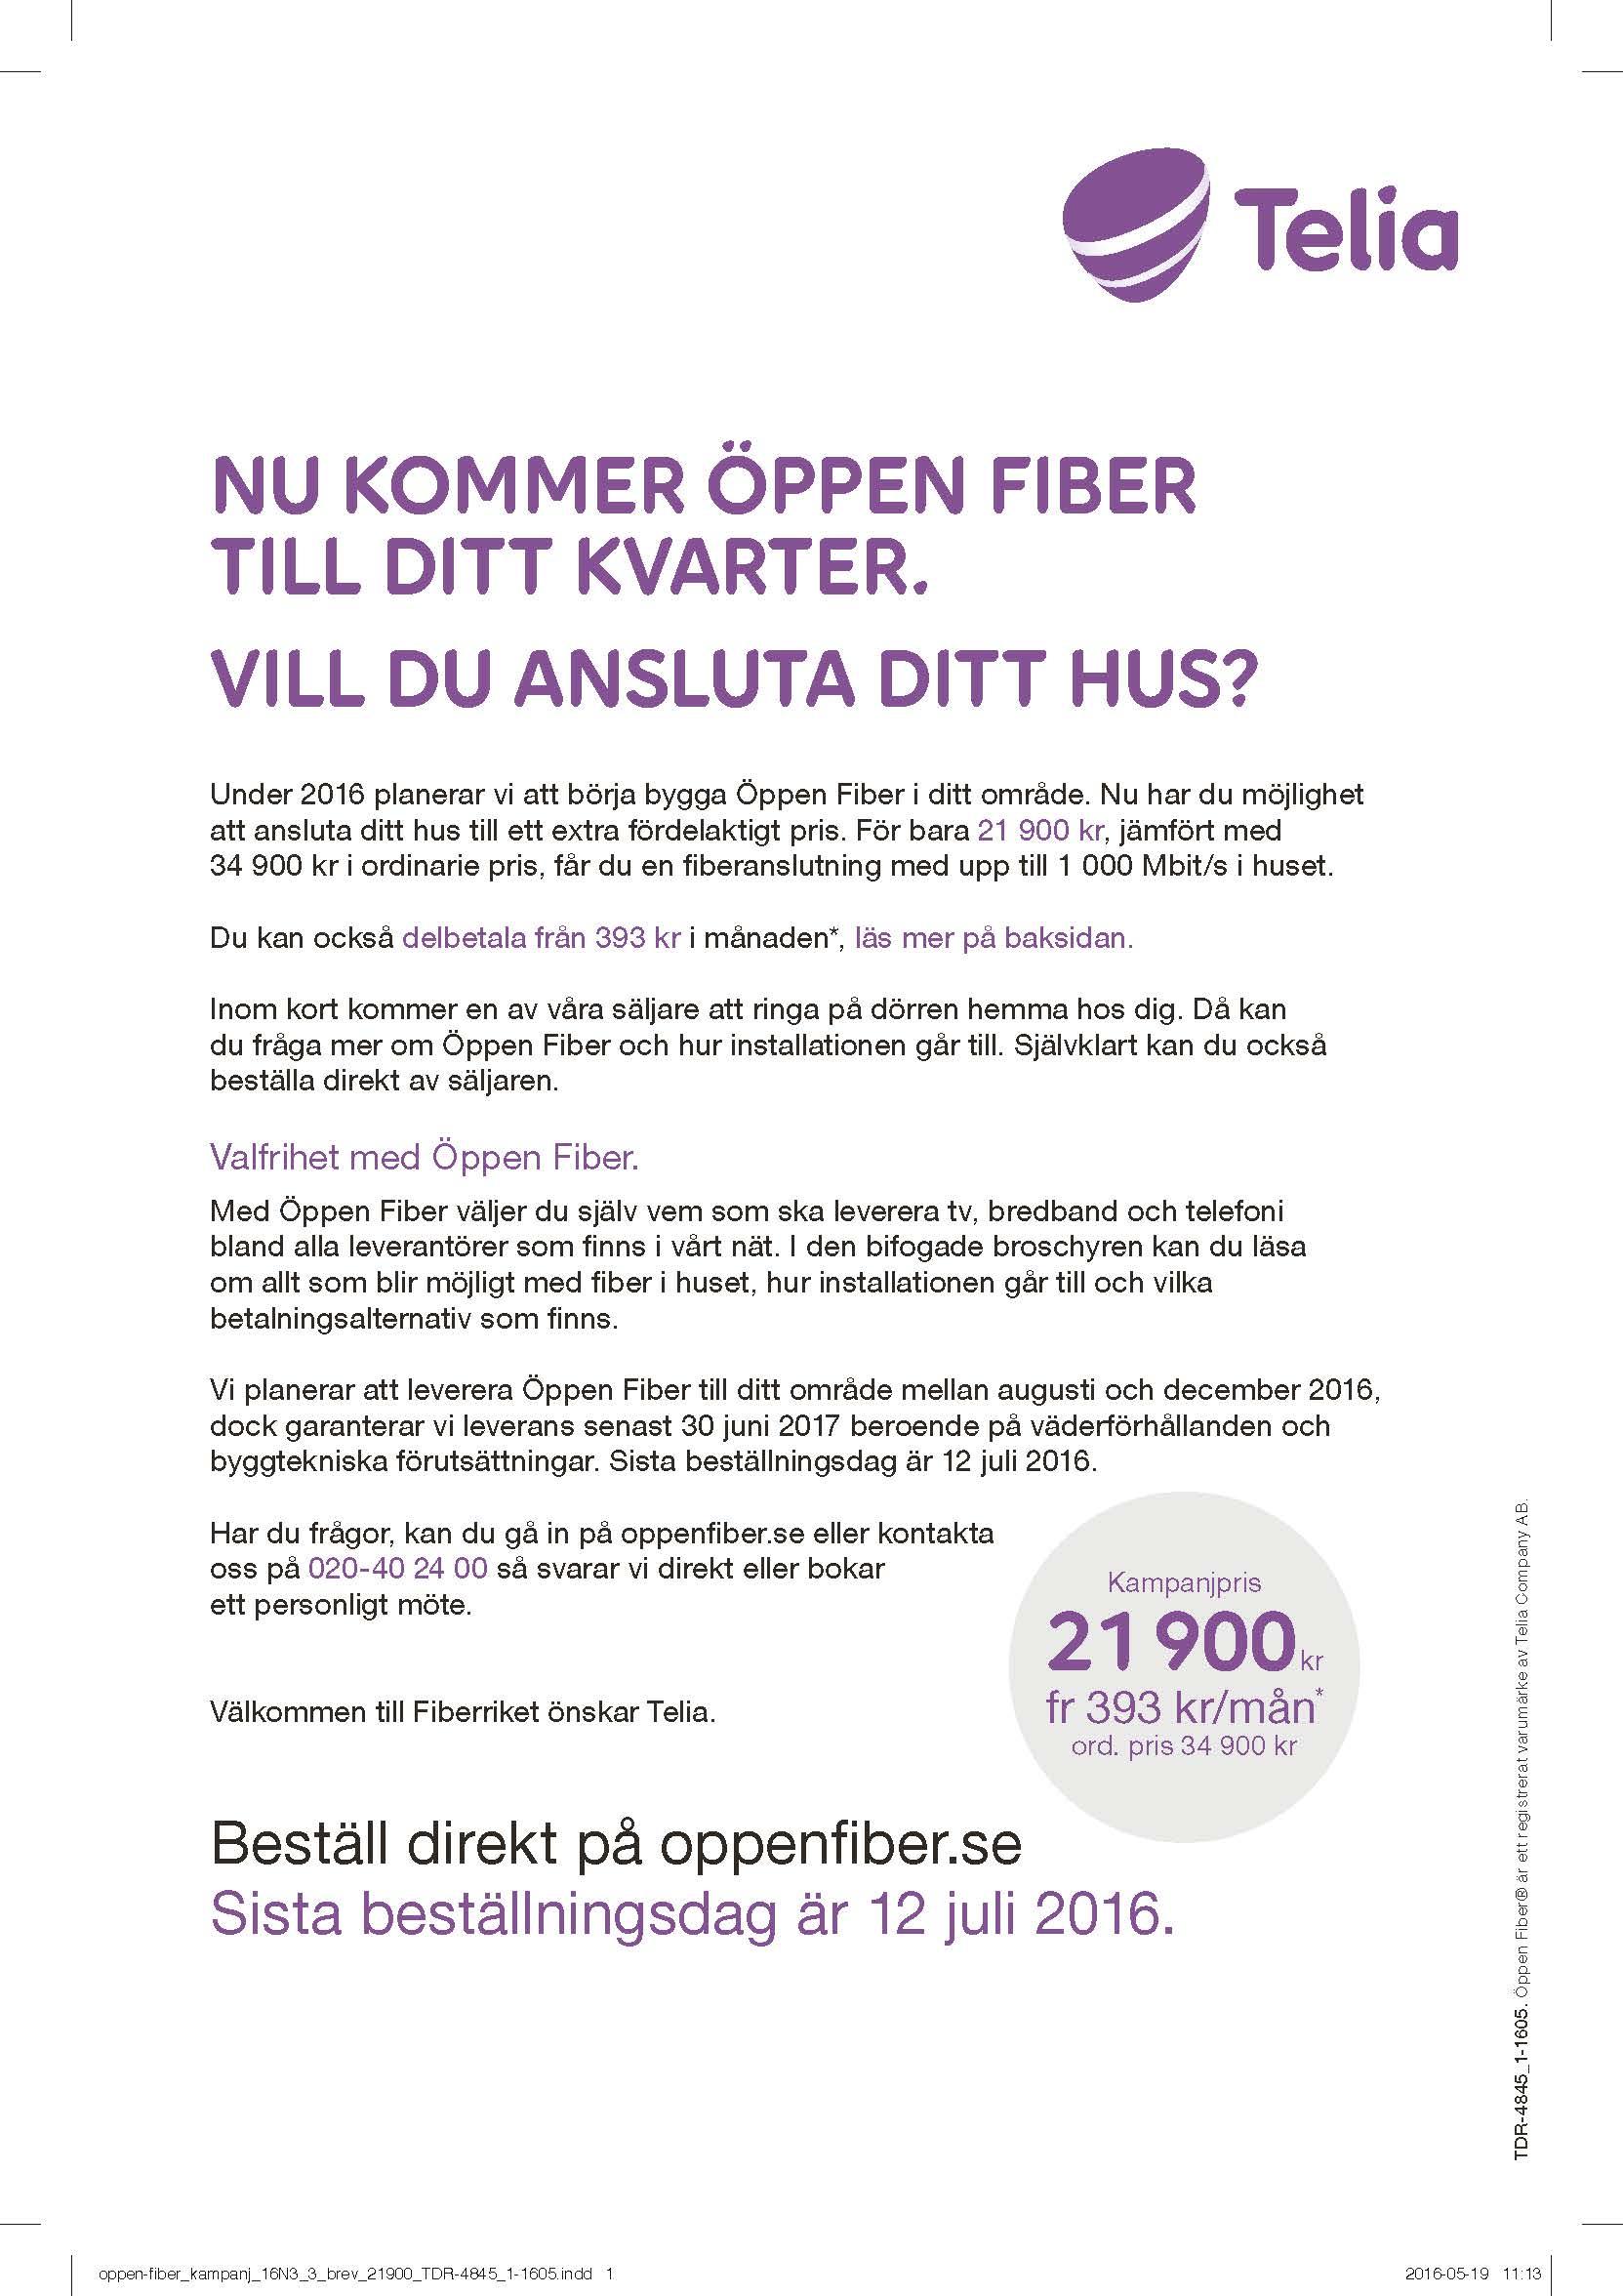 telia fiber kampanj